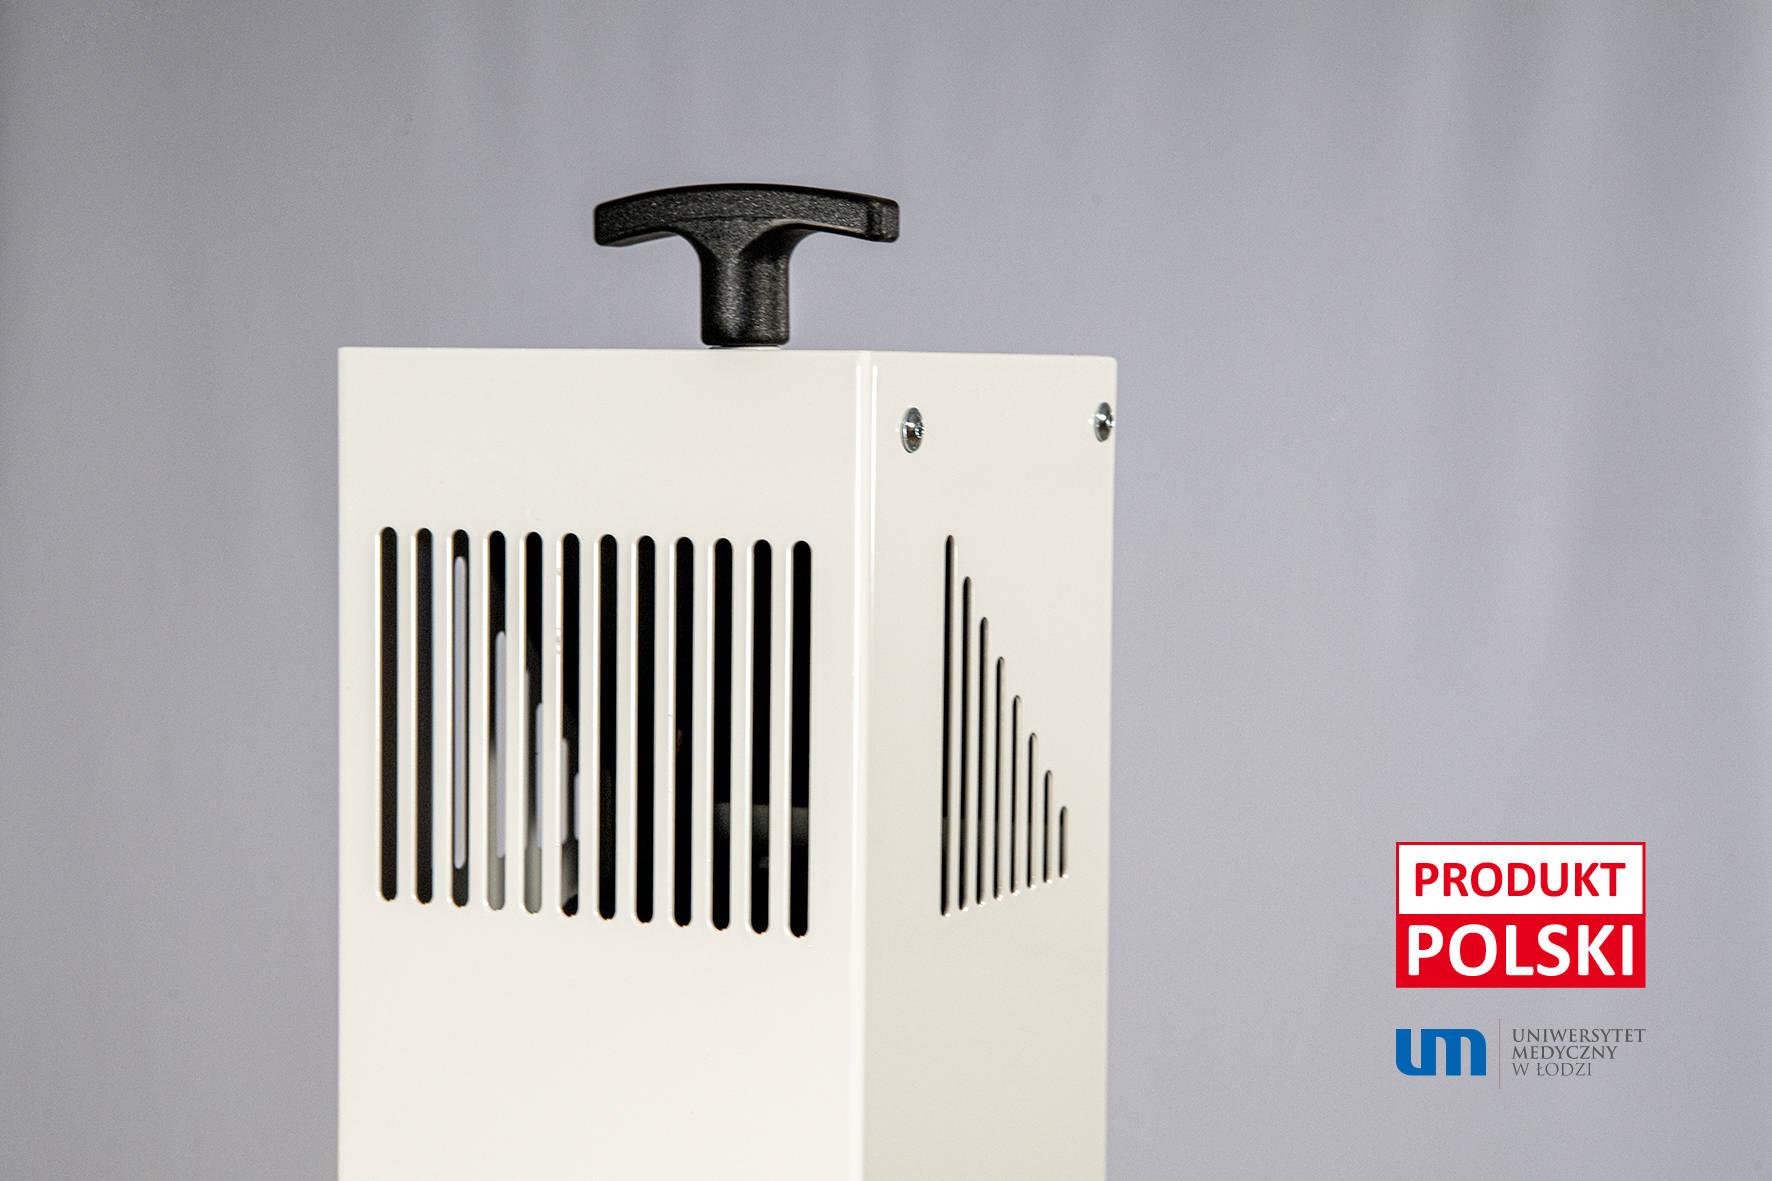 Lampa-UV-C-wirusobójcza-BW150_up